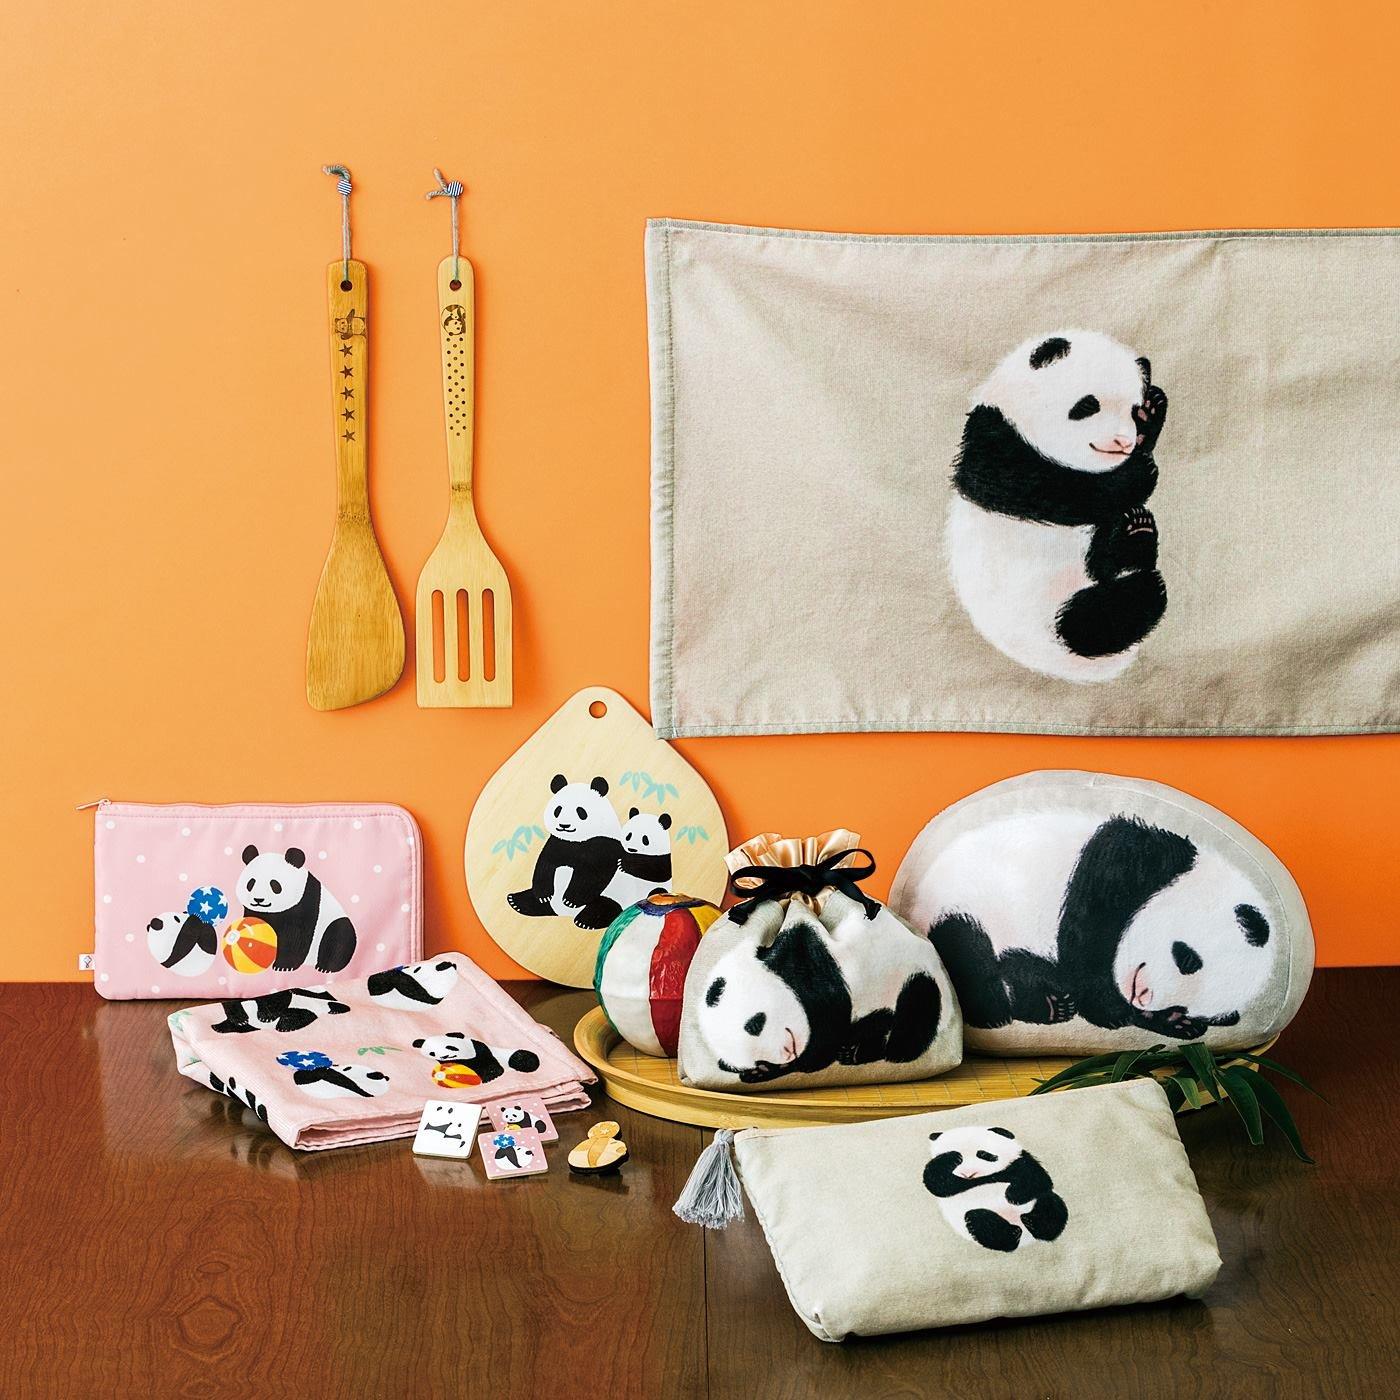 YOU+MORE! パンダが家にやってきた! のんび~りごろごろパンダ雑貨の会